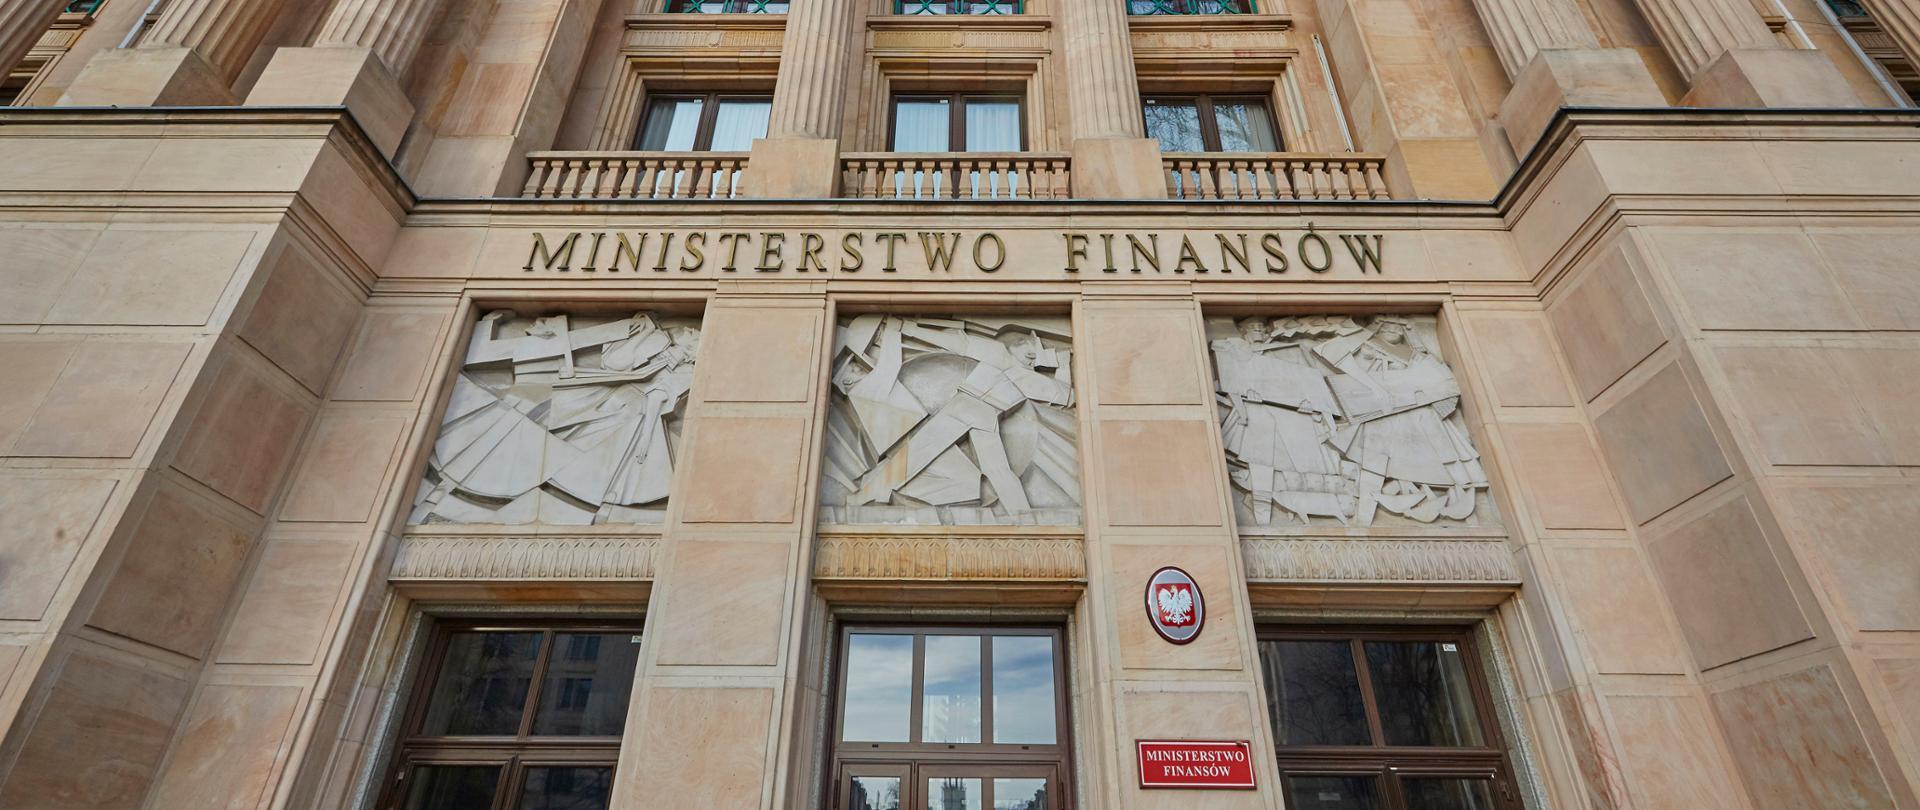 Wejście do gmachu Ministerstwa Finansów